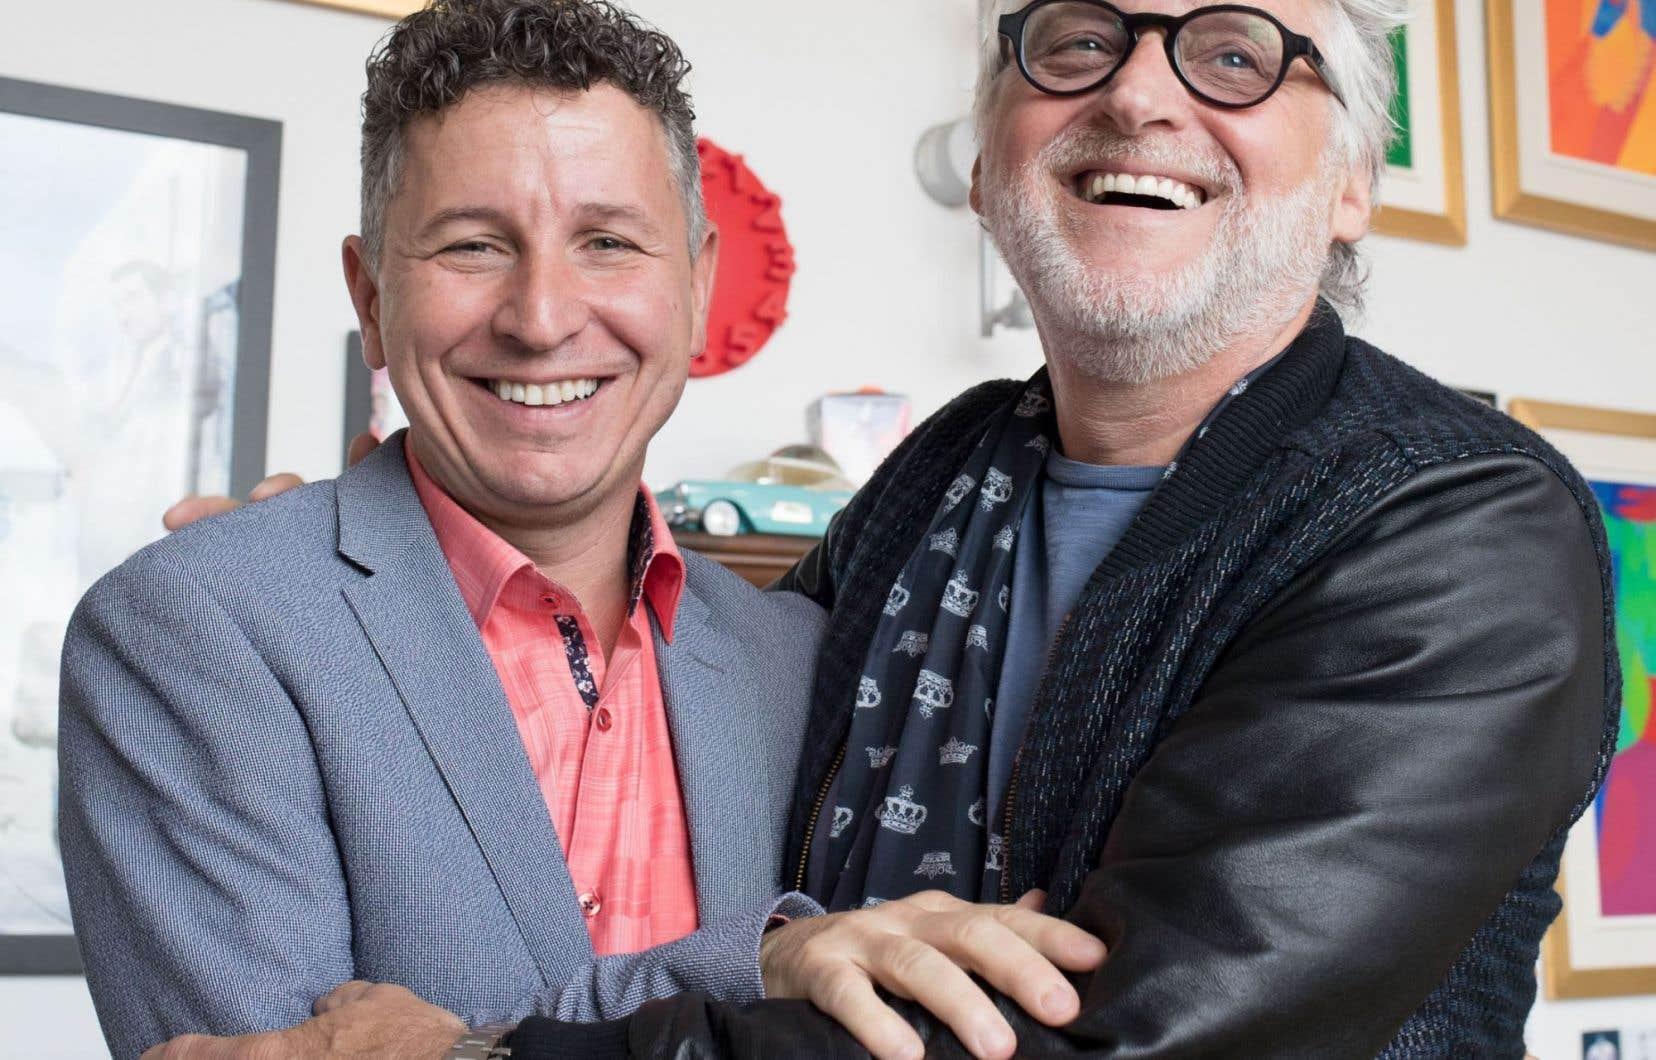 Jeannot Painchaud, président et directeur artistique du Cirque Éloize, et Gilbert Rozon, chef de direction du festival Juste pour rire, ont annoncé leur collaboration à Paris.